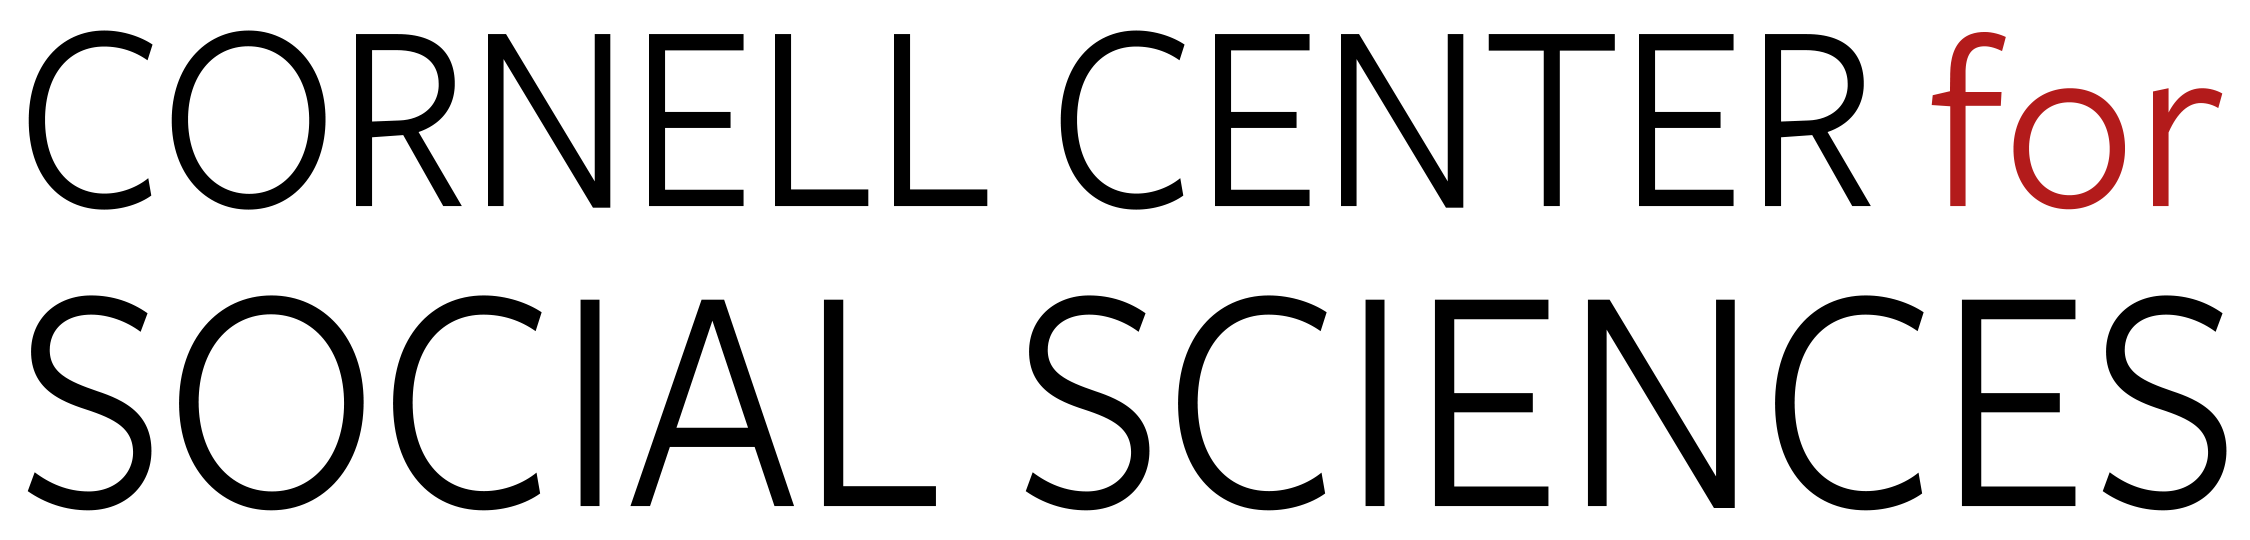 Cornell Center for Social Sciences Logo